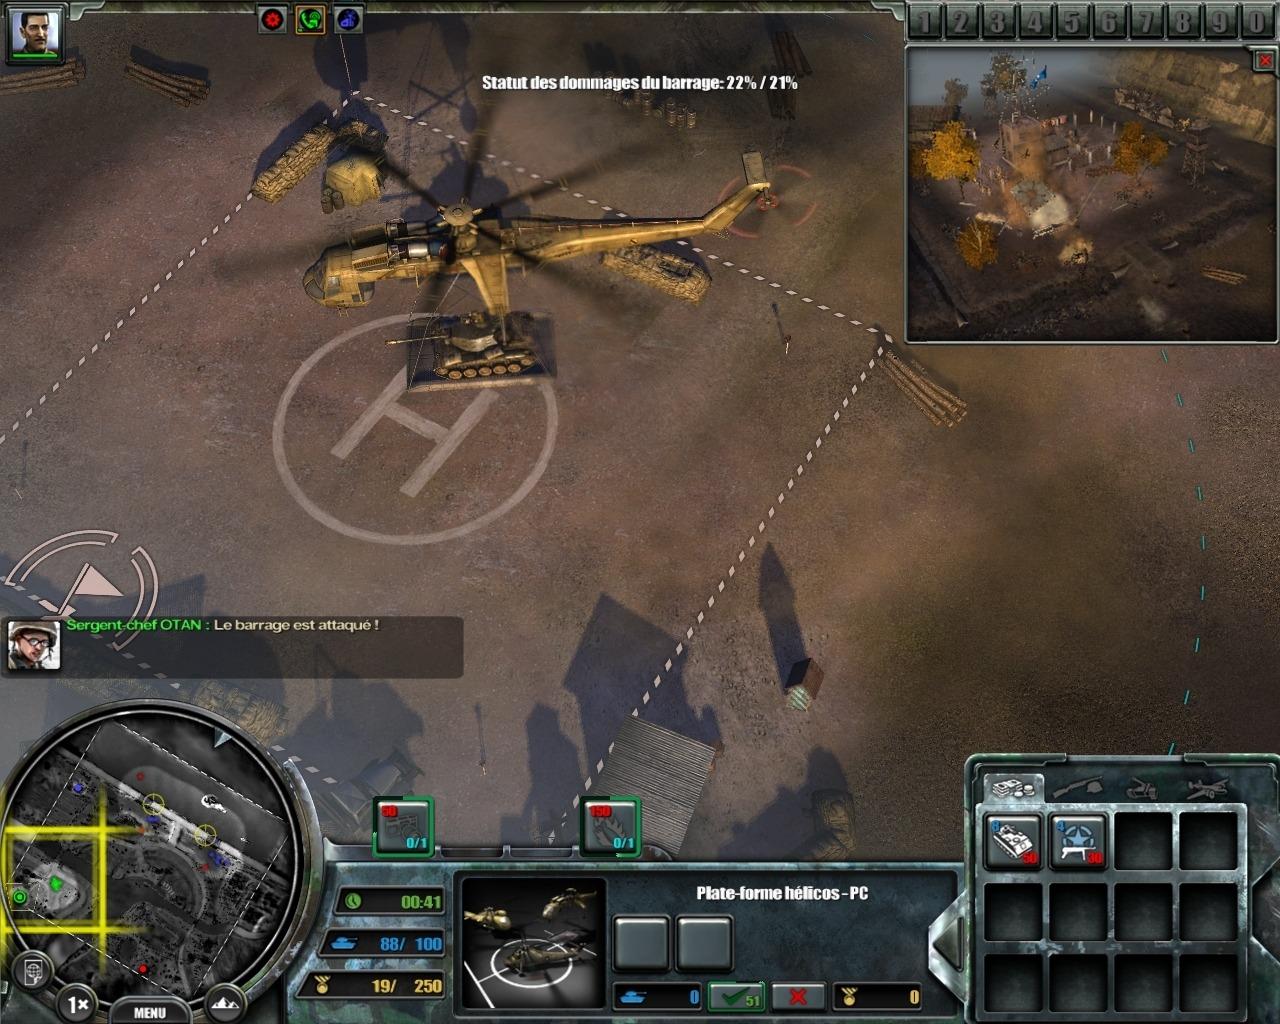 jeuxvideo.com Codename : Panzers : Cold War - PC Image 148 sur 192